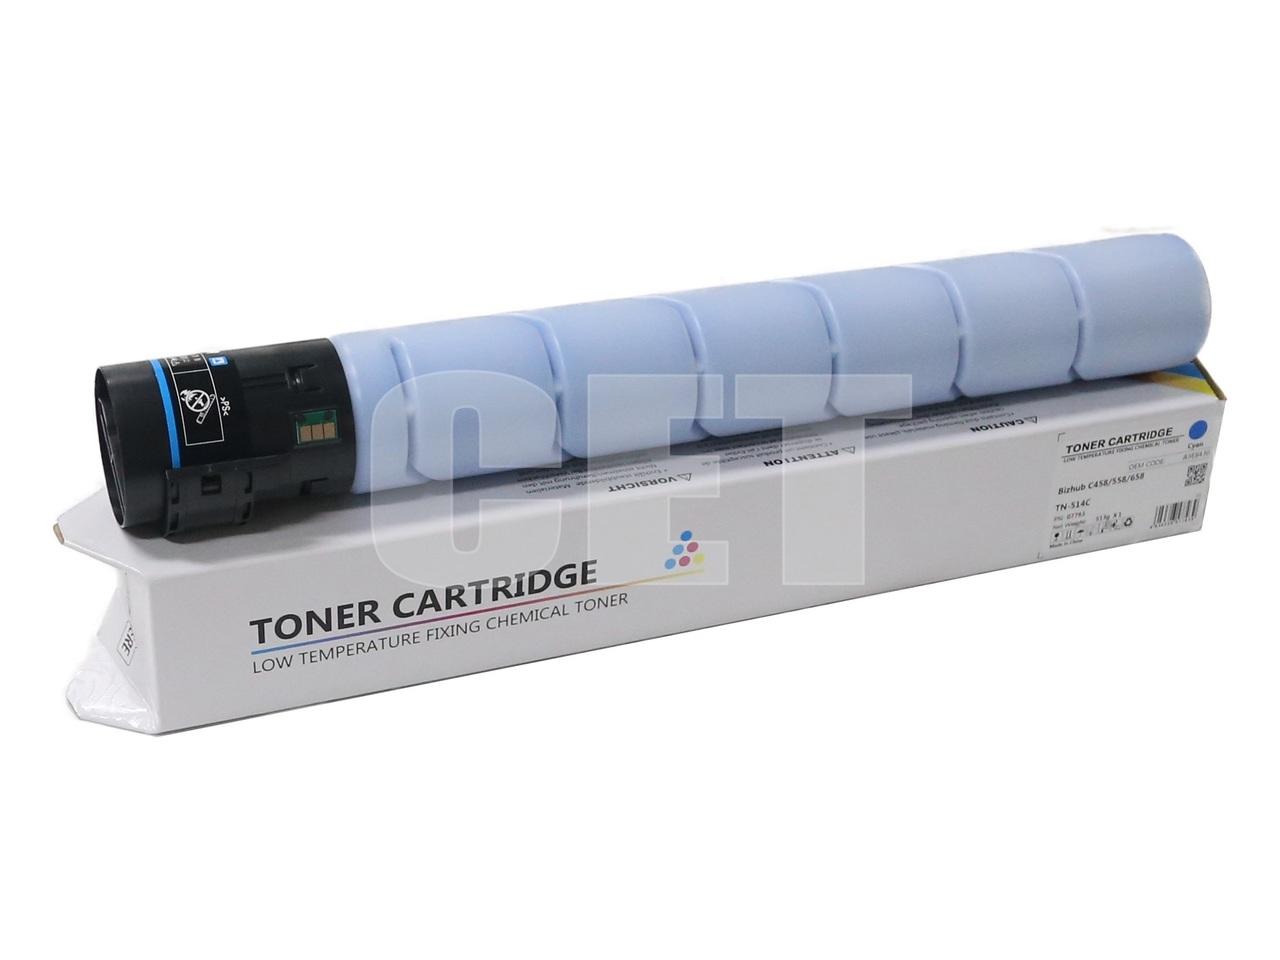 Тонер-картридж (CPT) TN-514C для KONICA MINOLTA BizhubC458/558/658 (CET) Cyan, 513г, 26000 стр., CET7793